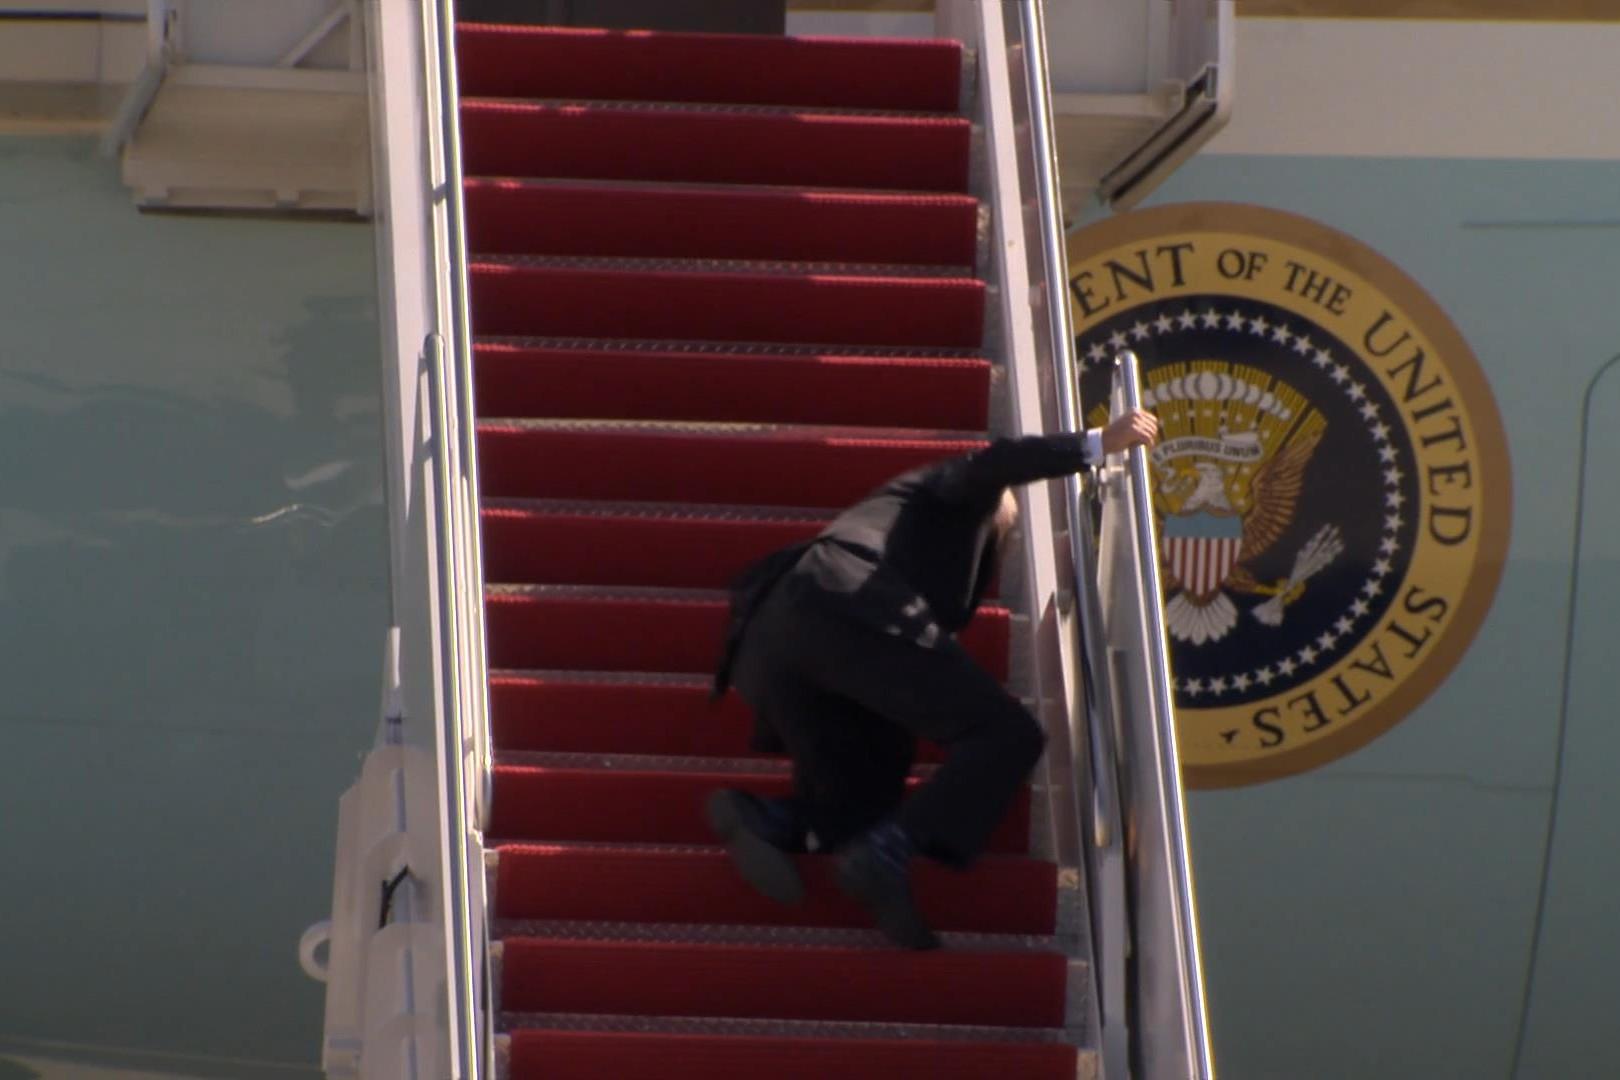 Амерички председник Џо Бајден приликом пада током укрцавања у авион (Фото: Снимак екрана/NBC News)